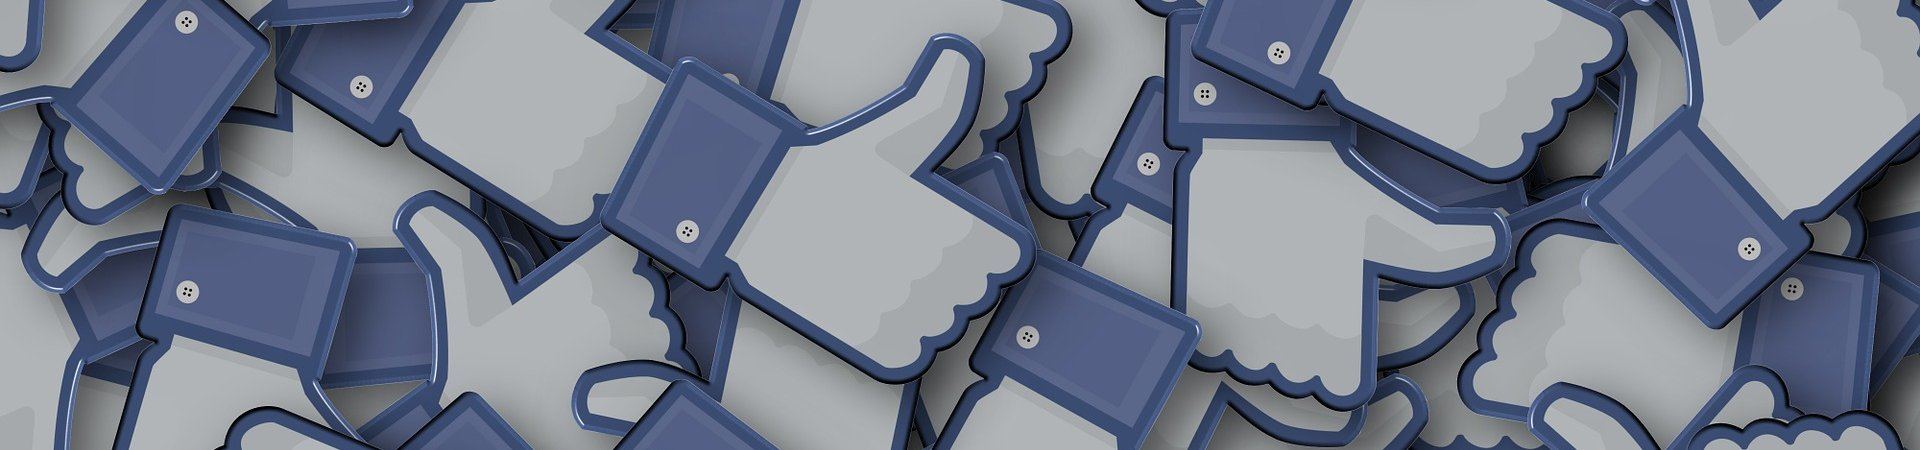 facebook like icoontjes door Pete Linforth van Pixabay